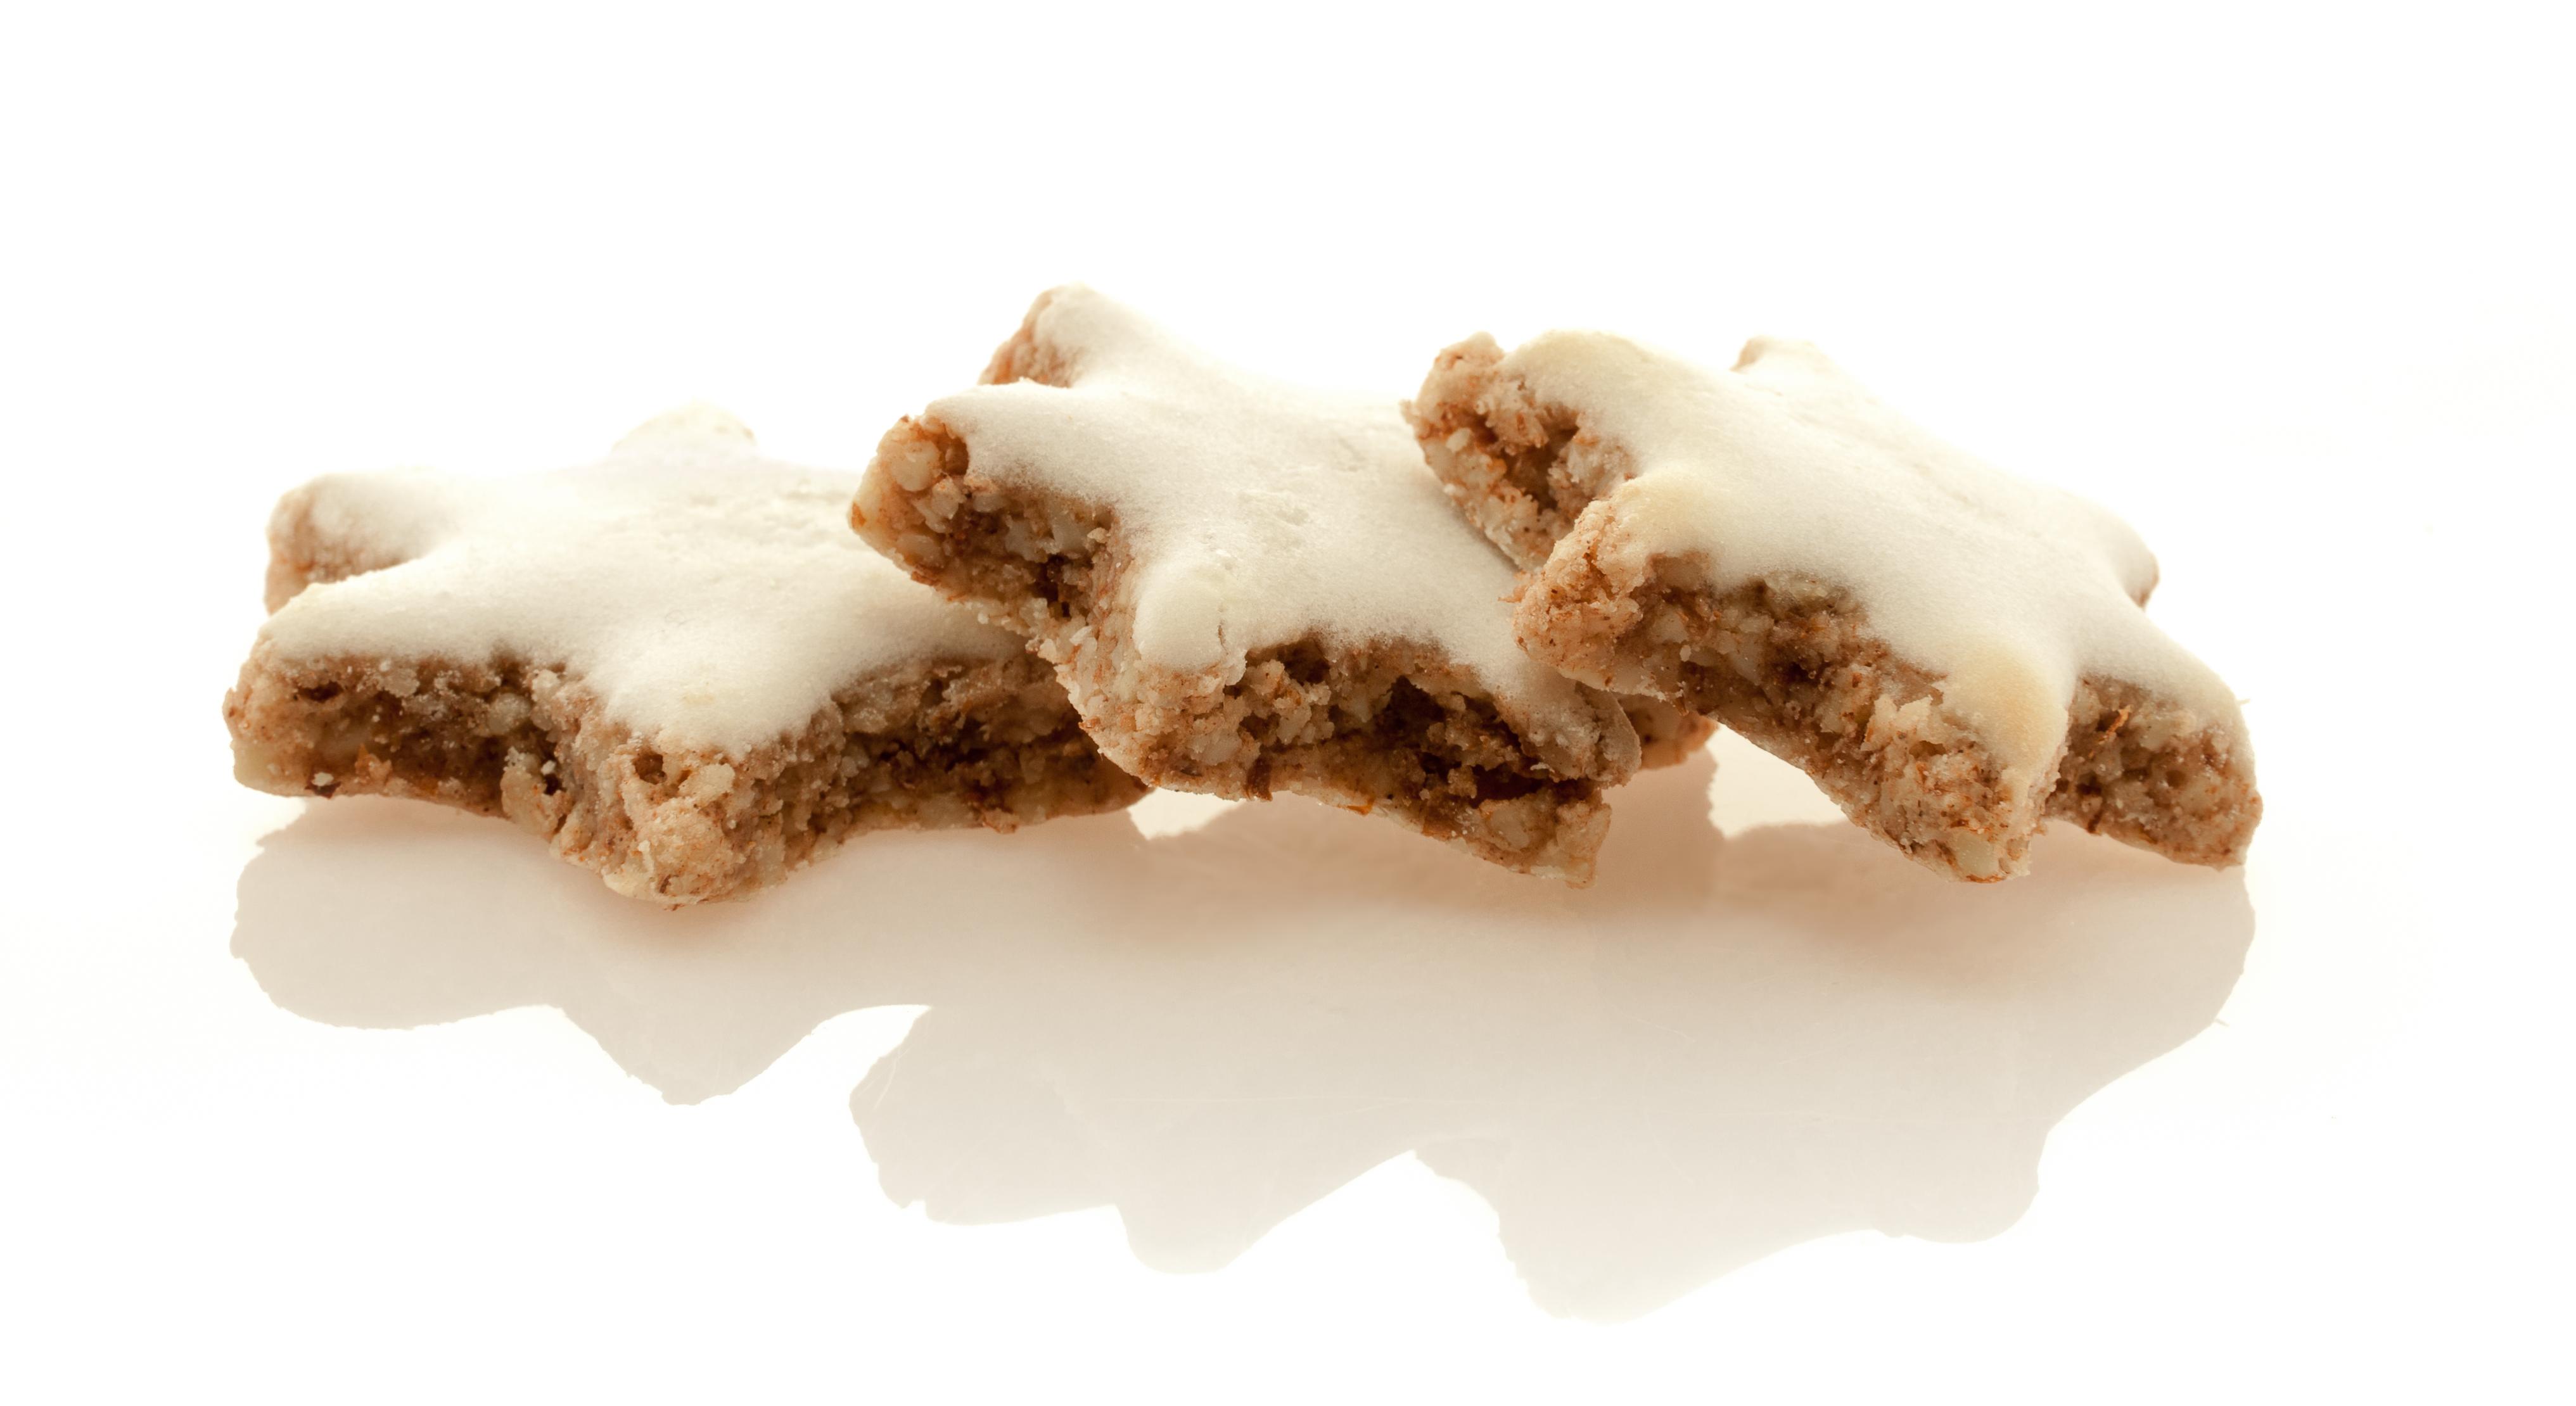 Royal Icing (gluten free, vegan, top 8 free)